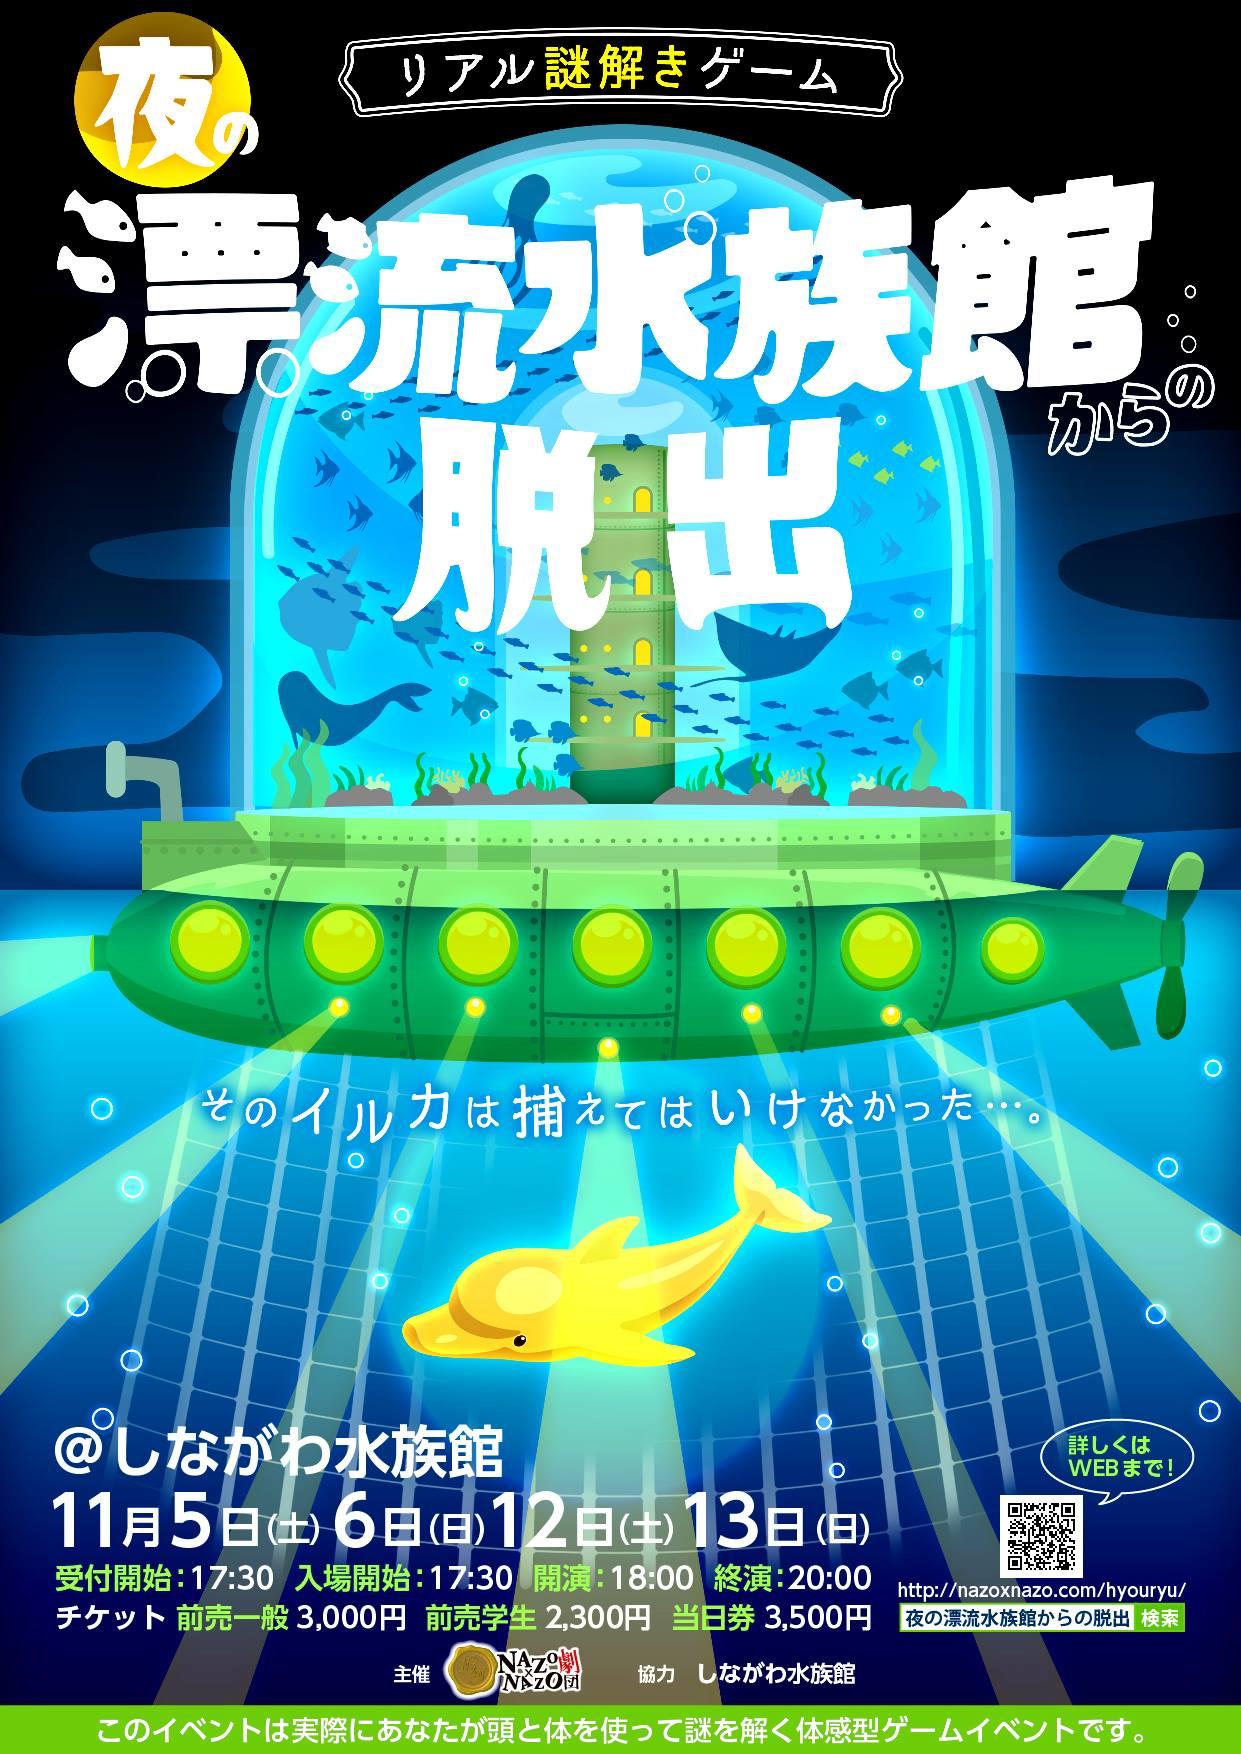 NAZO×NAZO劇団「夜の漂流水族館からの脱出」を開催